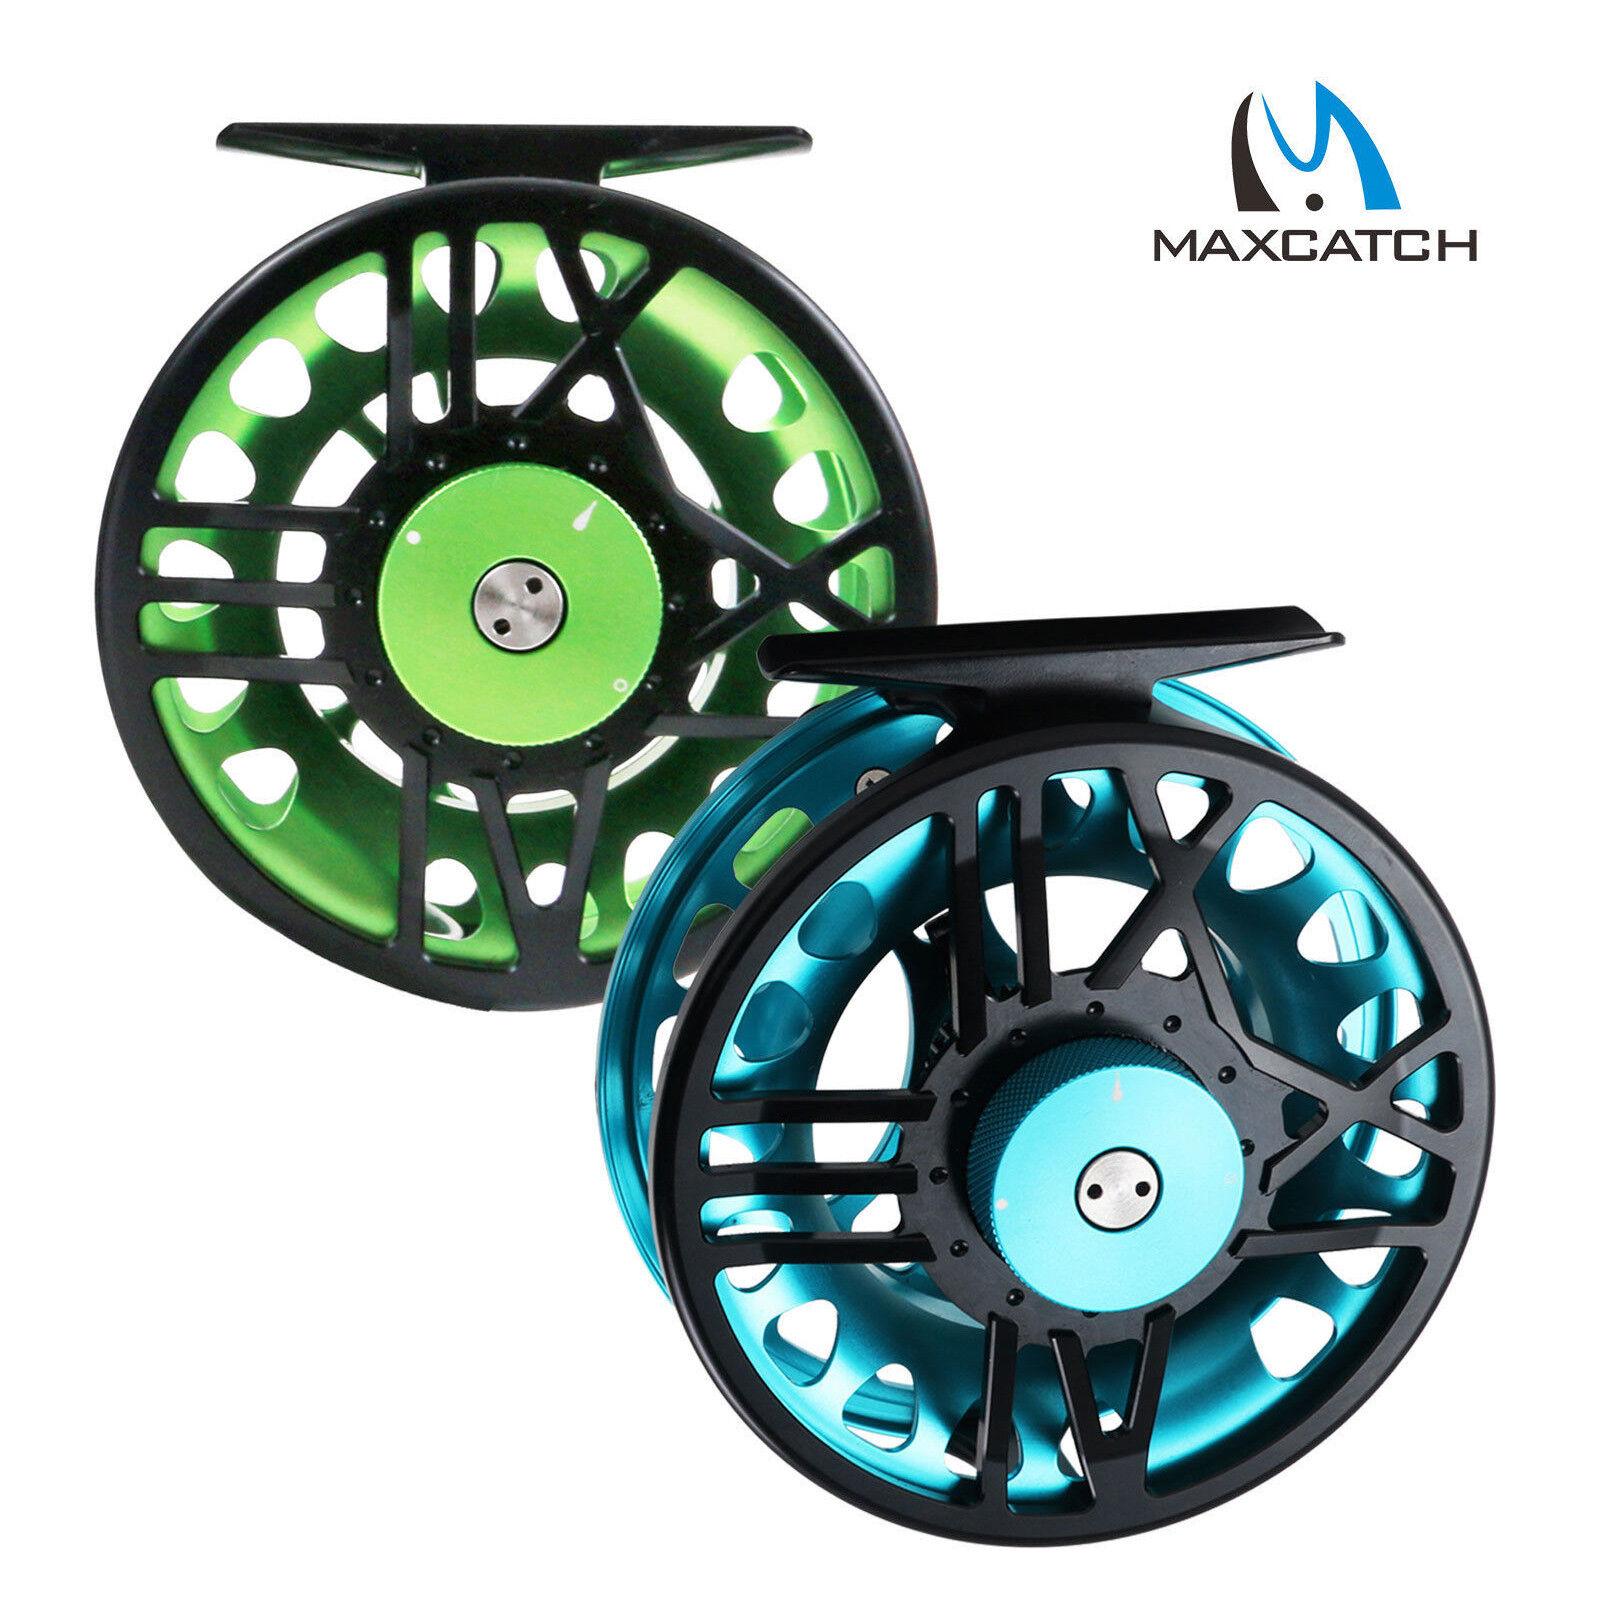 Maxcatch Fly Reel Timefly 5 6 7 8WT Large Arbor Aluminium Fly Fishing Reel